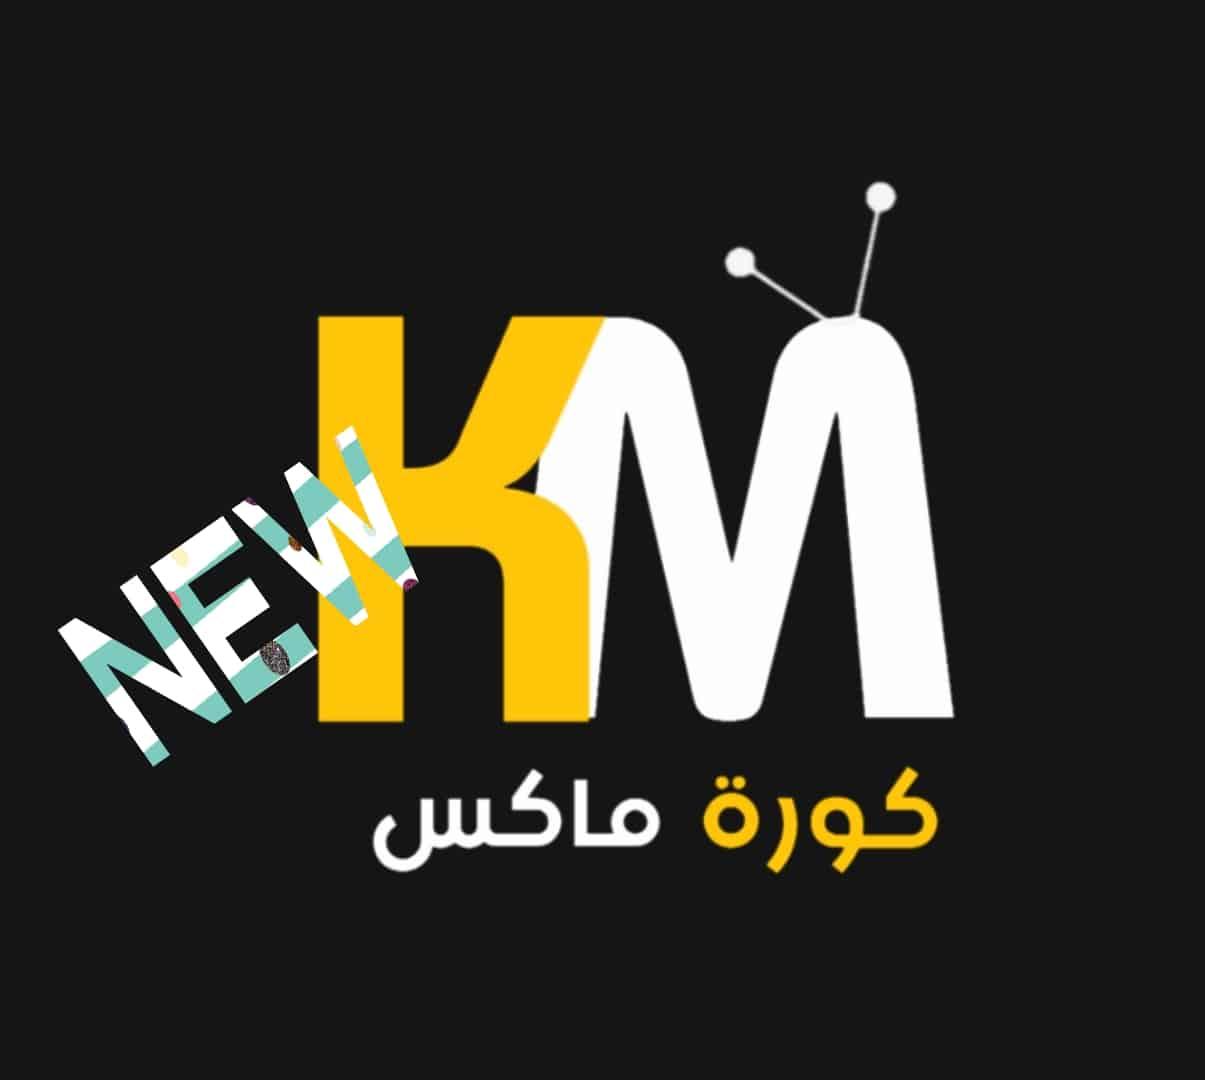 Koramax Live Tv Apk [Latest] 2020 1